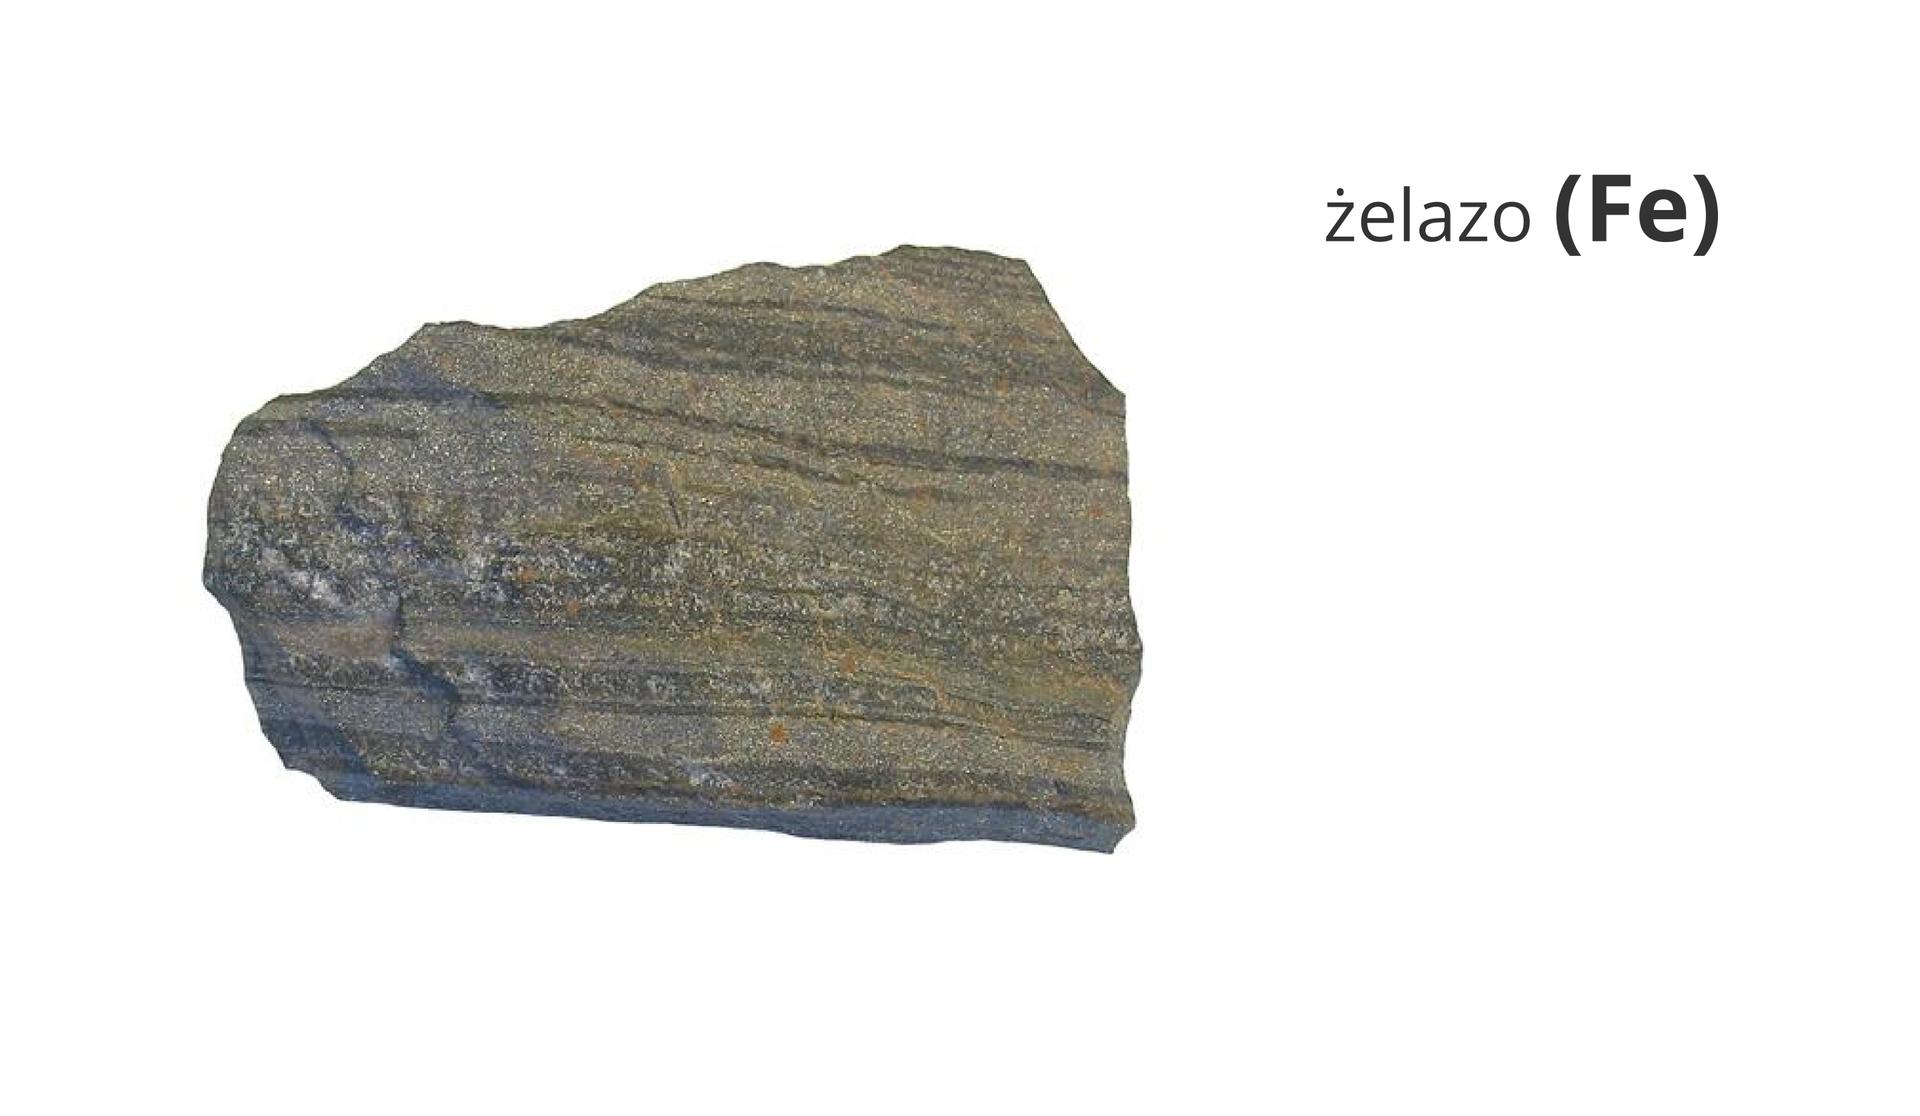 Zdjęcie przedstawia rudę żelaza. Obok widnieje napis żelazo ijego symbol Fe.